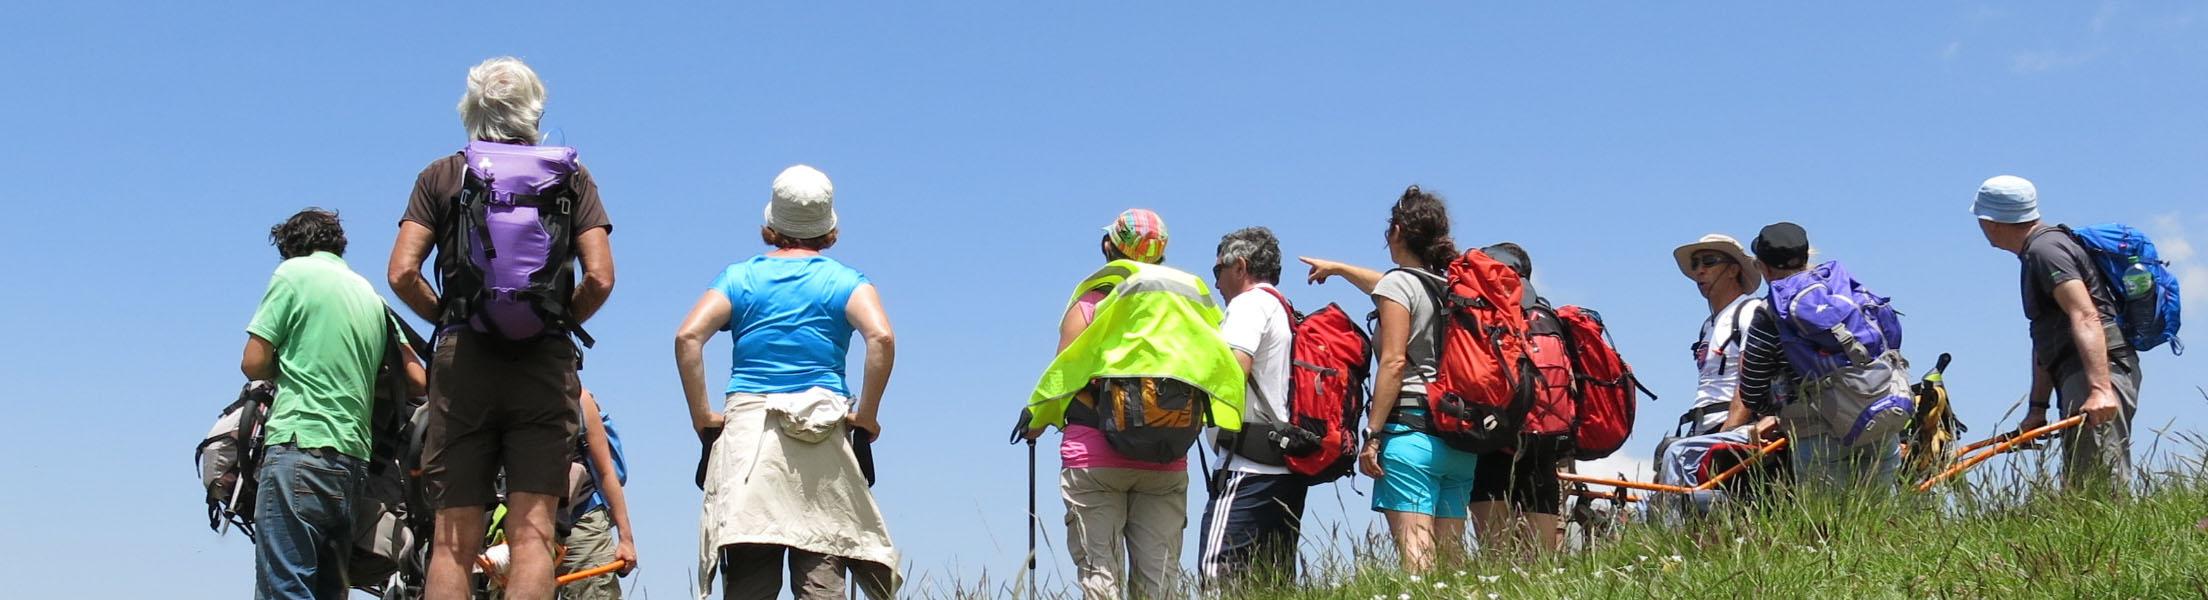 Eine Gruppe von Personen beim Wandern steht auf einer Wiese und schaut sich bei blauem Himmel die Gegend an. Eine Person im Rollstuhl wird mittels Tragegestell mitgenommen bei der Wanderung.